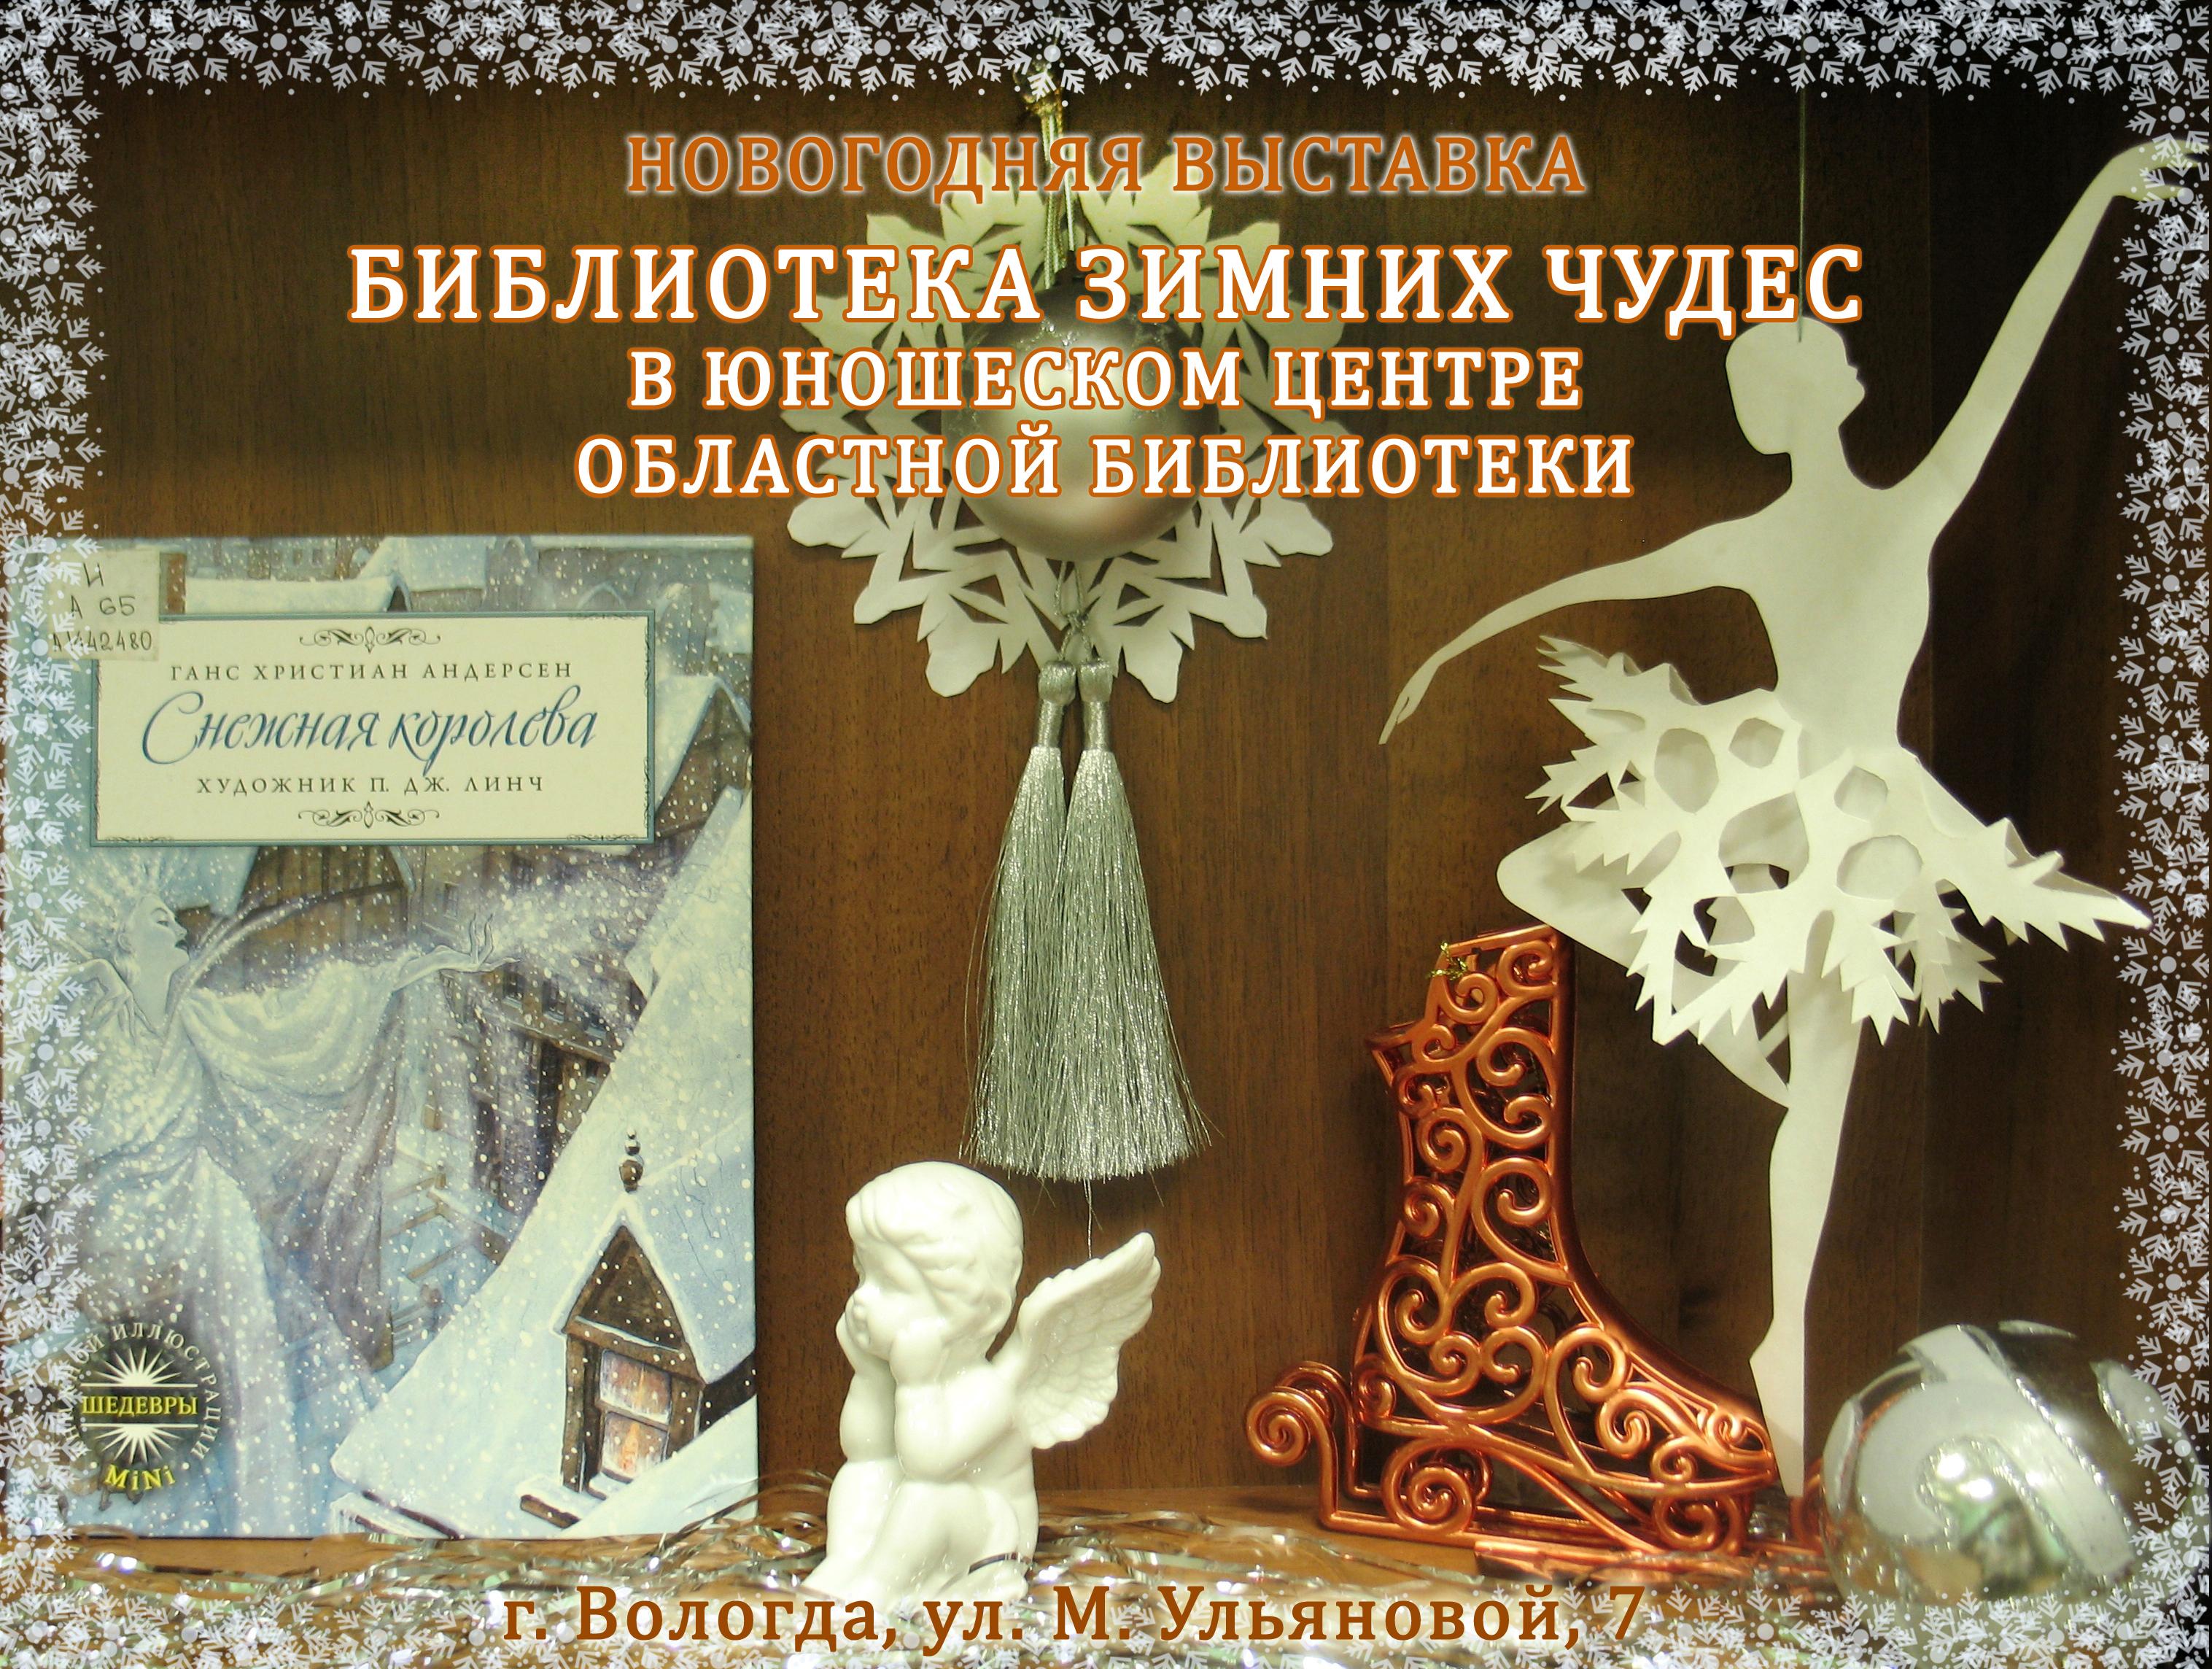 """Вологжан приглашают на выставку """"Библиотека зимних чудес"""""""